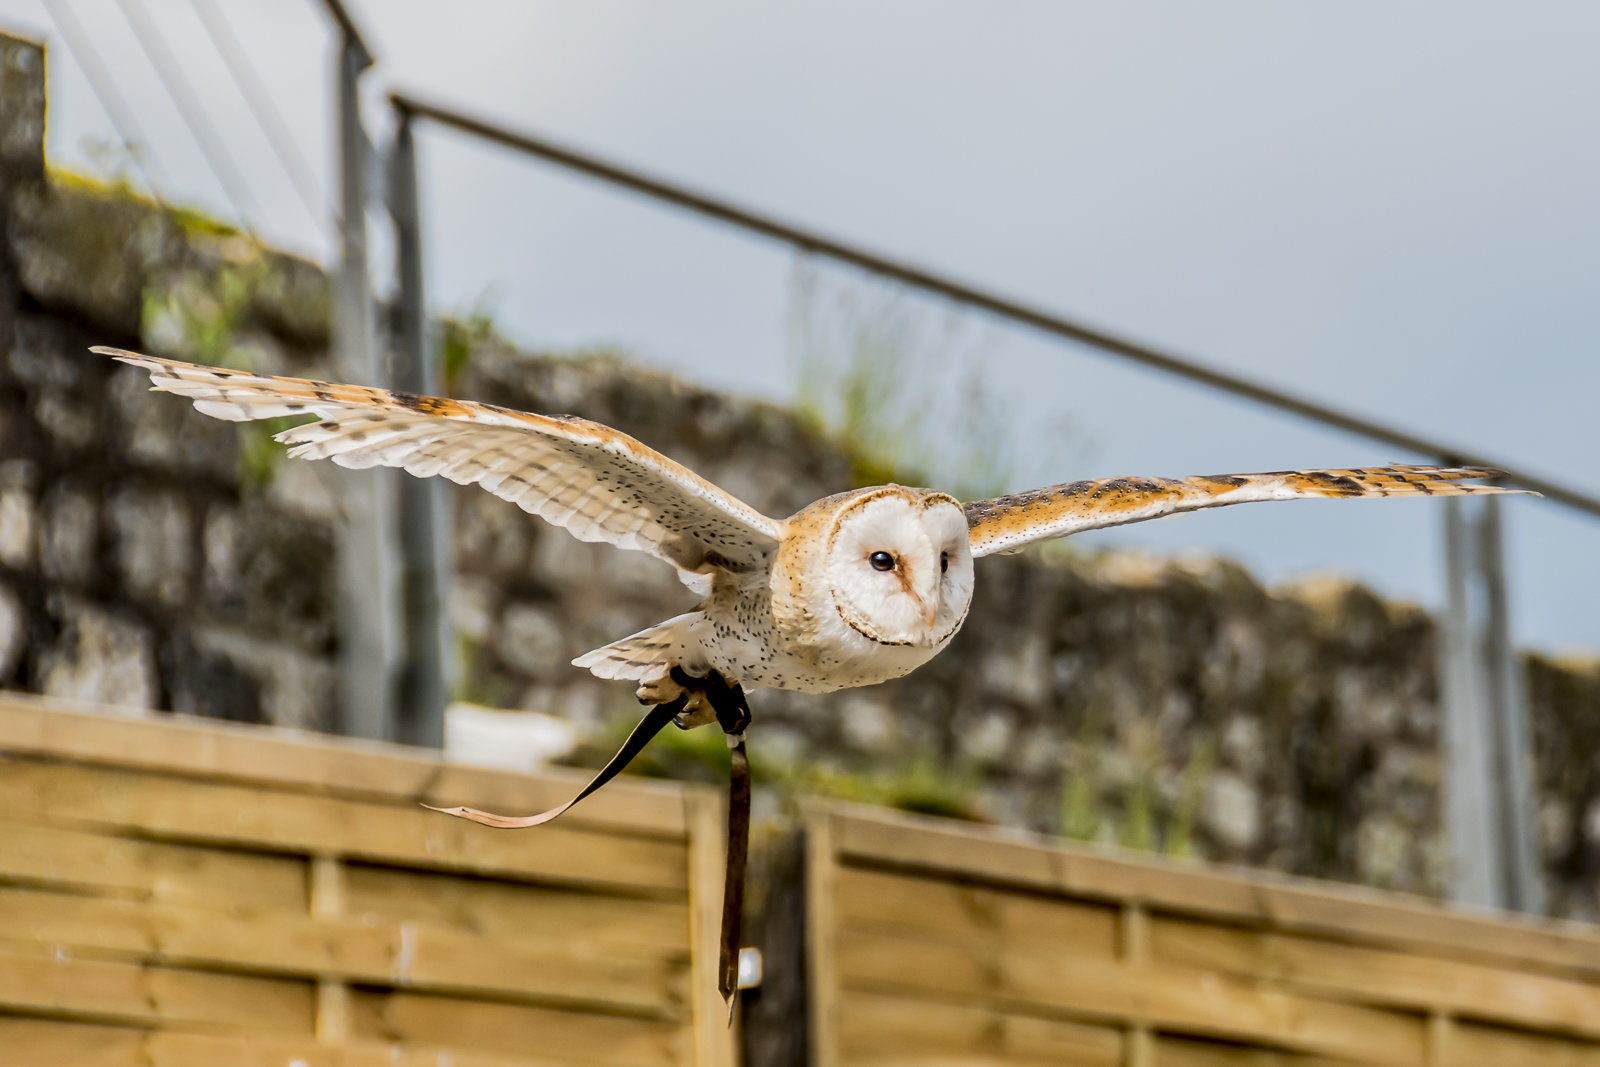 Barn Owl in flight, Provins